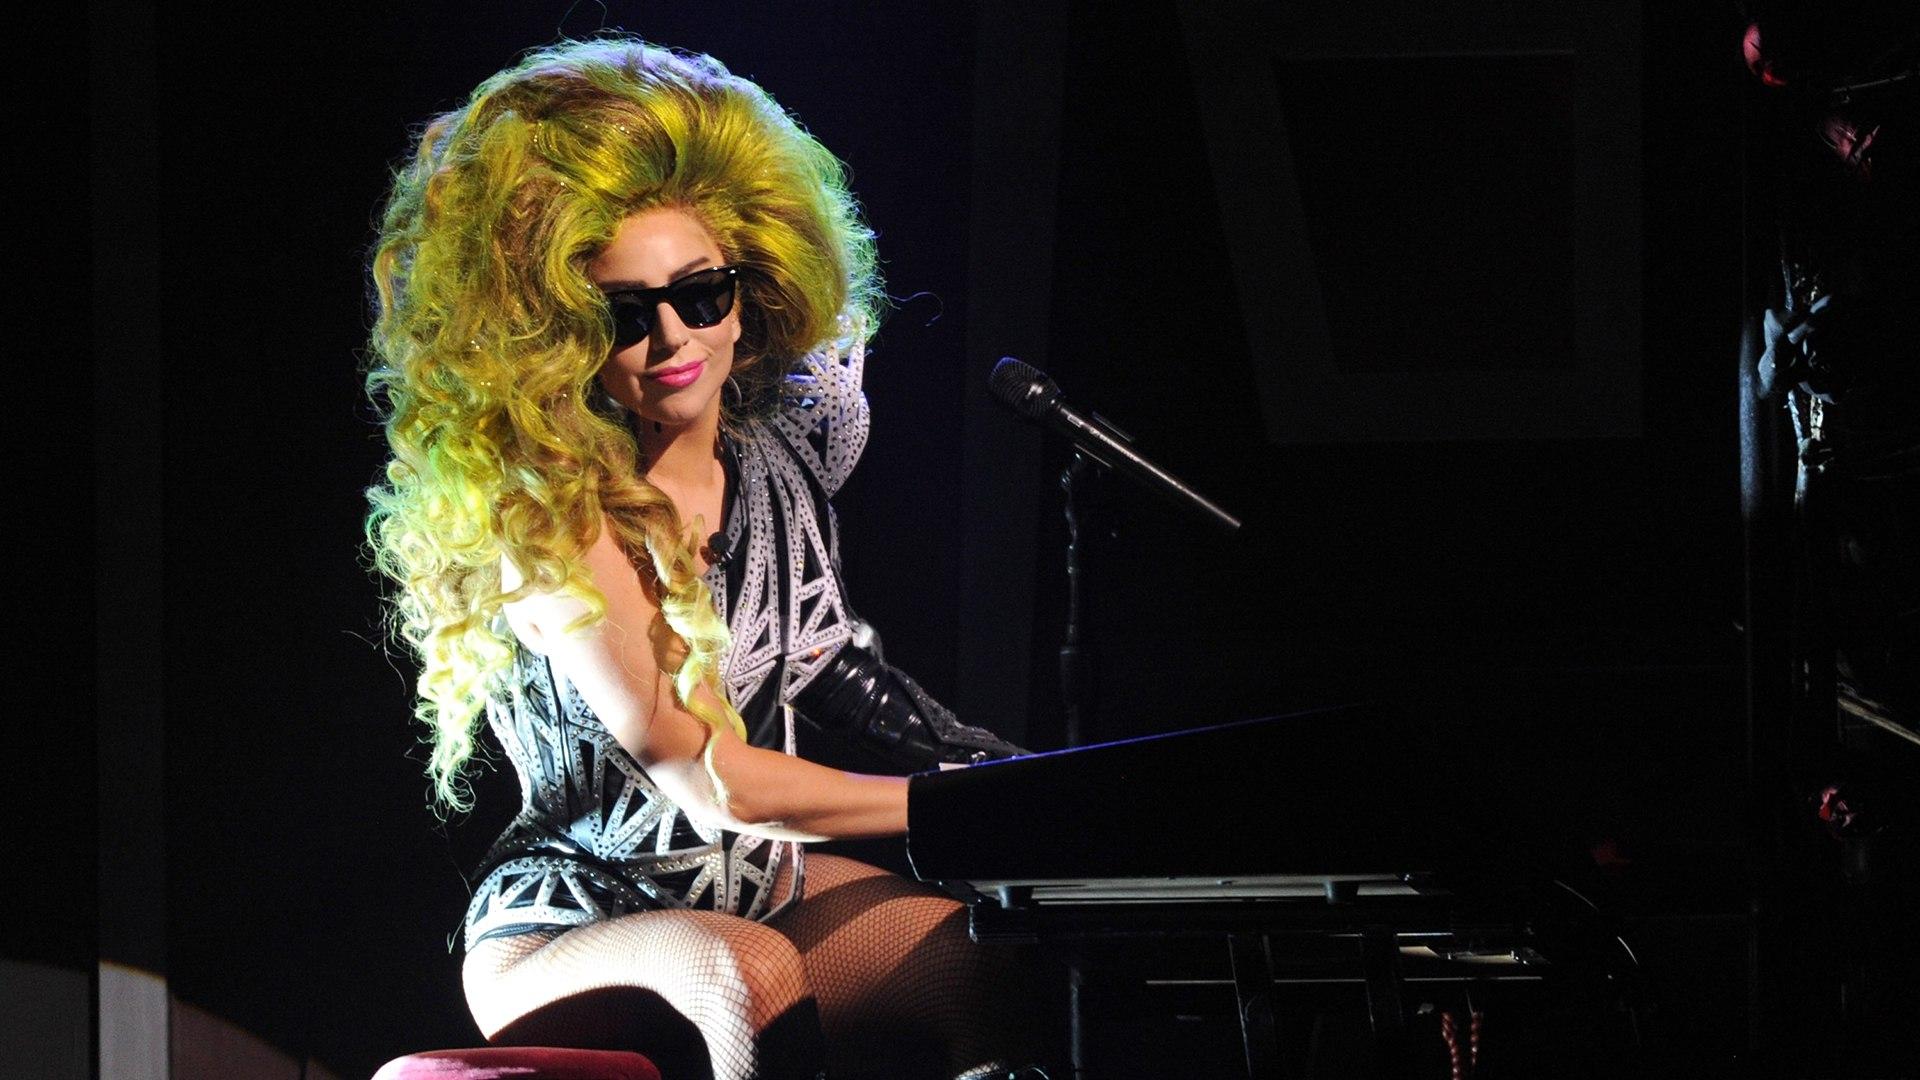 Image: Lady Gaga Live At Roseland Ballroom - March 30, 2014